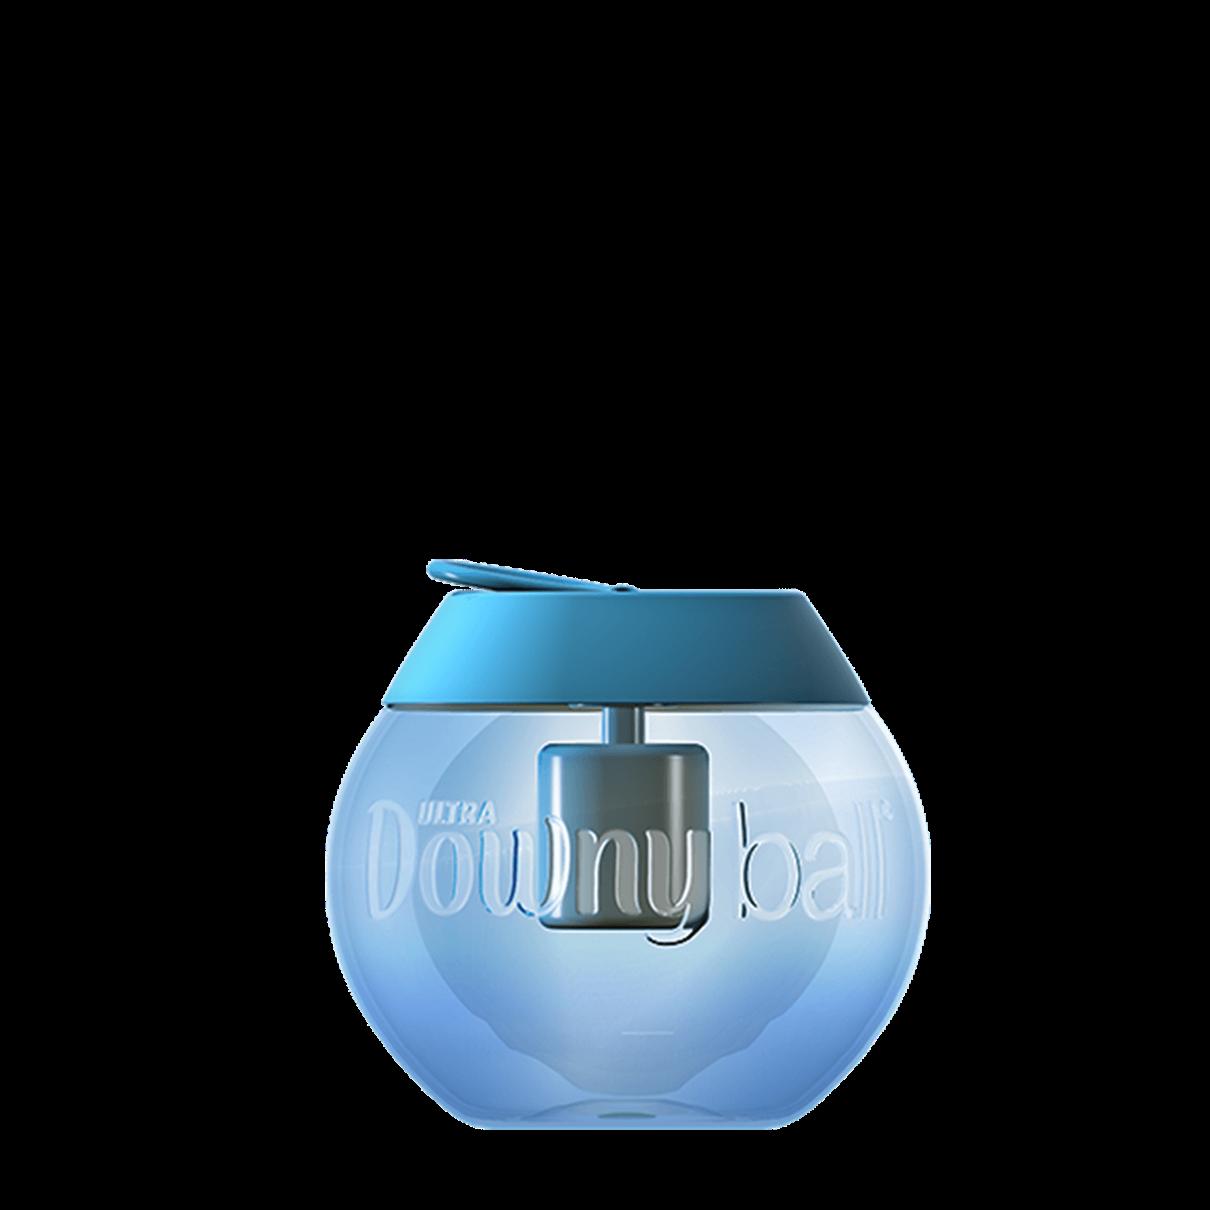 The Downy Ball Fabric Softener Dispenser